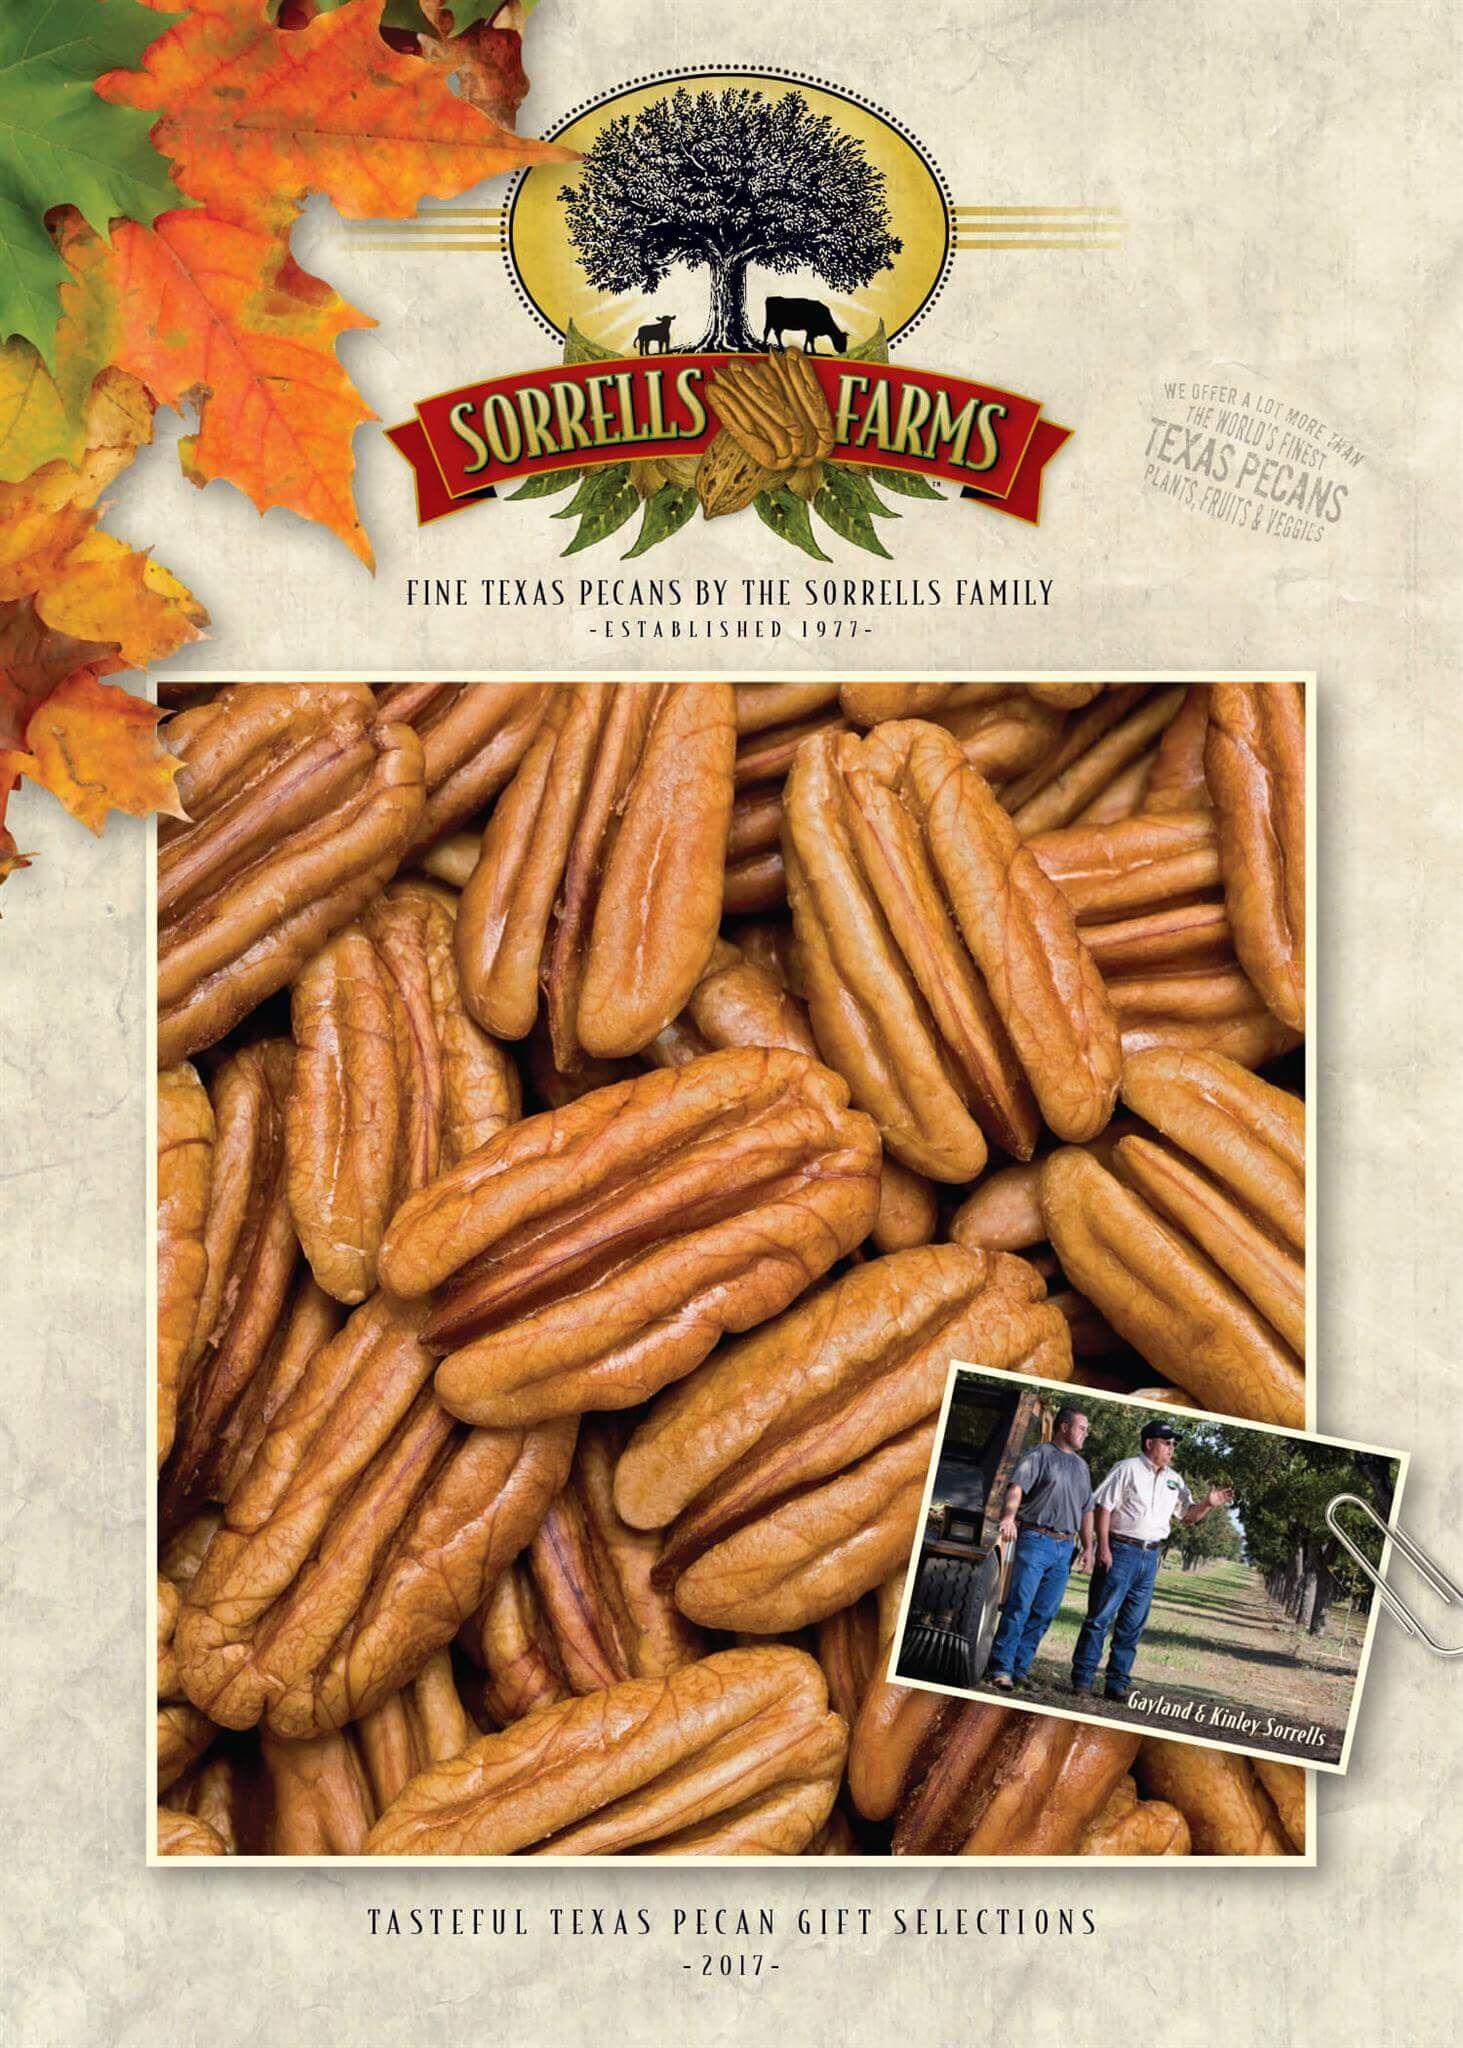 Farm Fresh Texas Pecans Top Quality Pecans For Sale